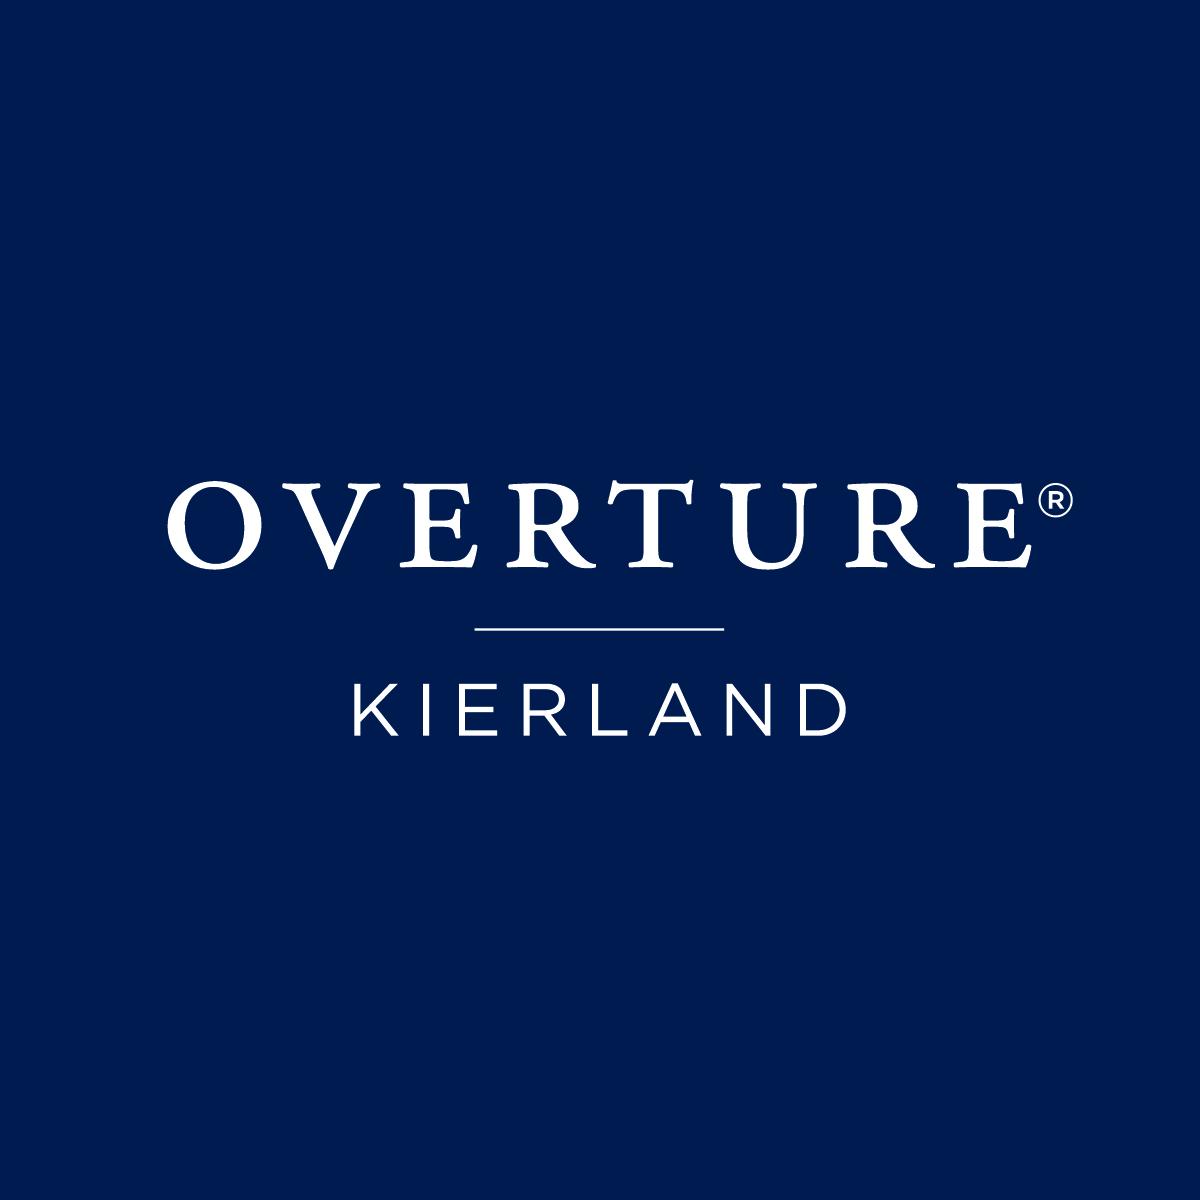 Overture Kierland